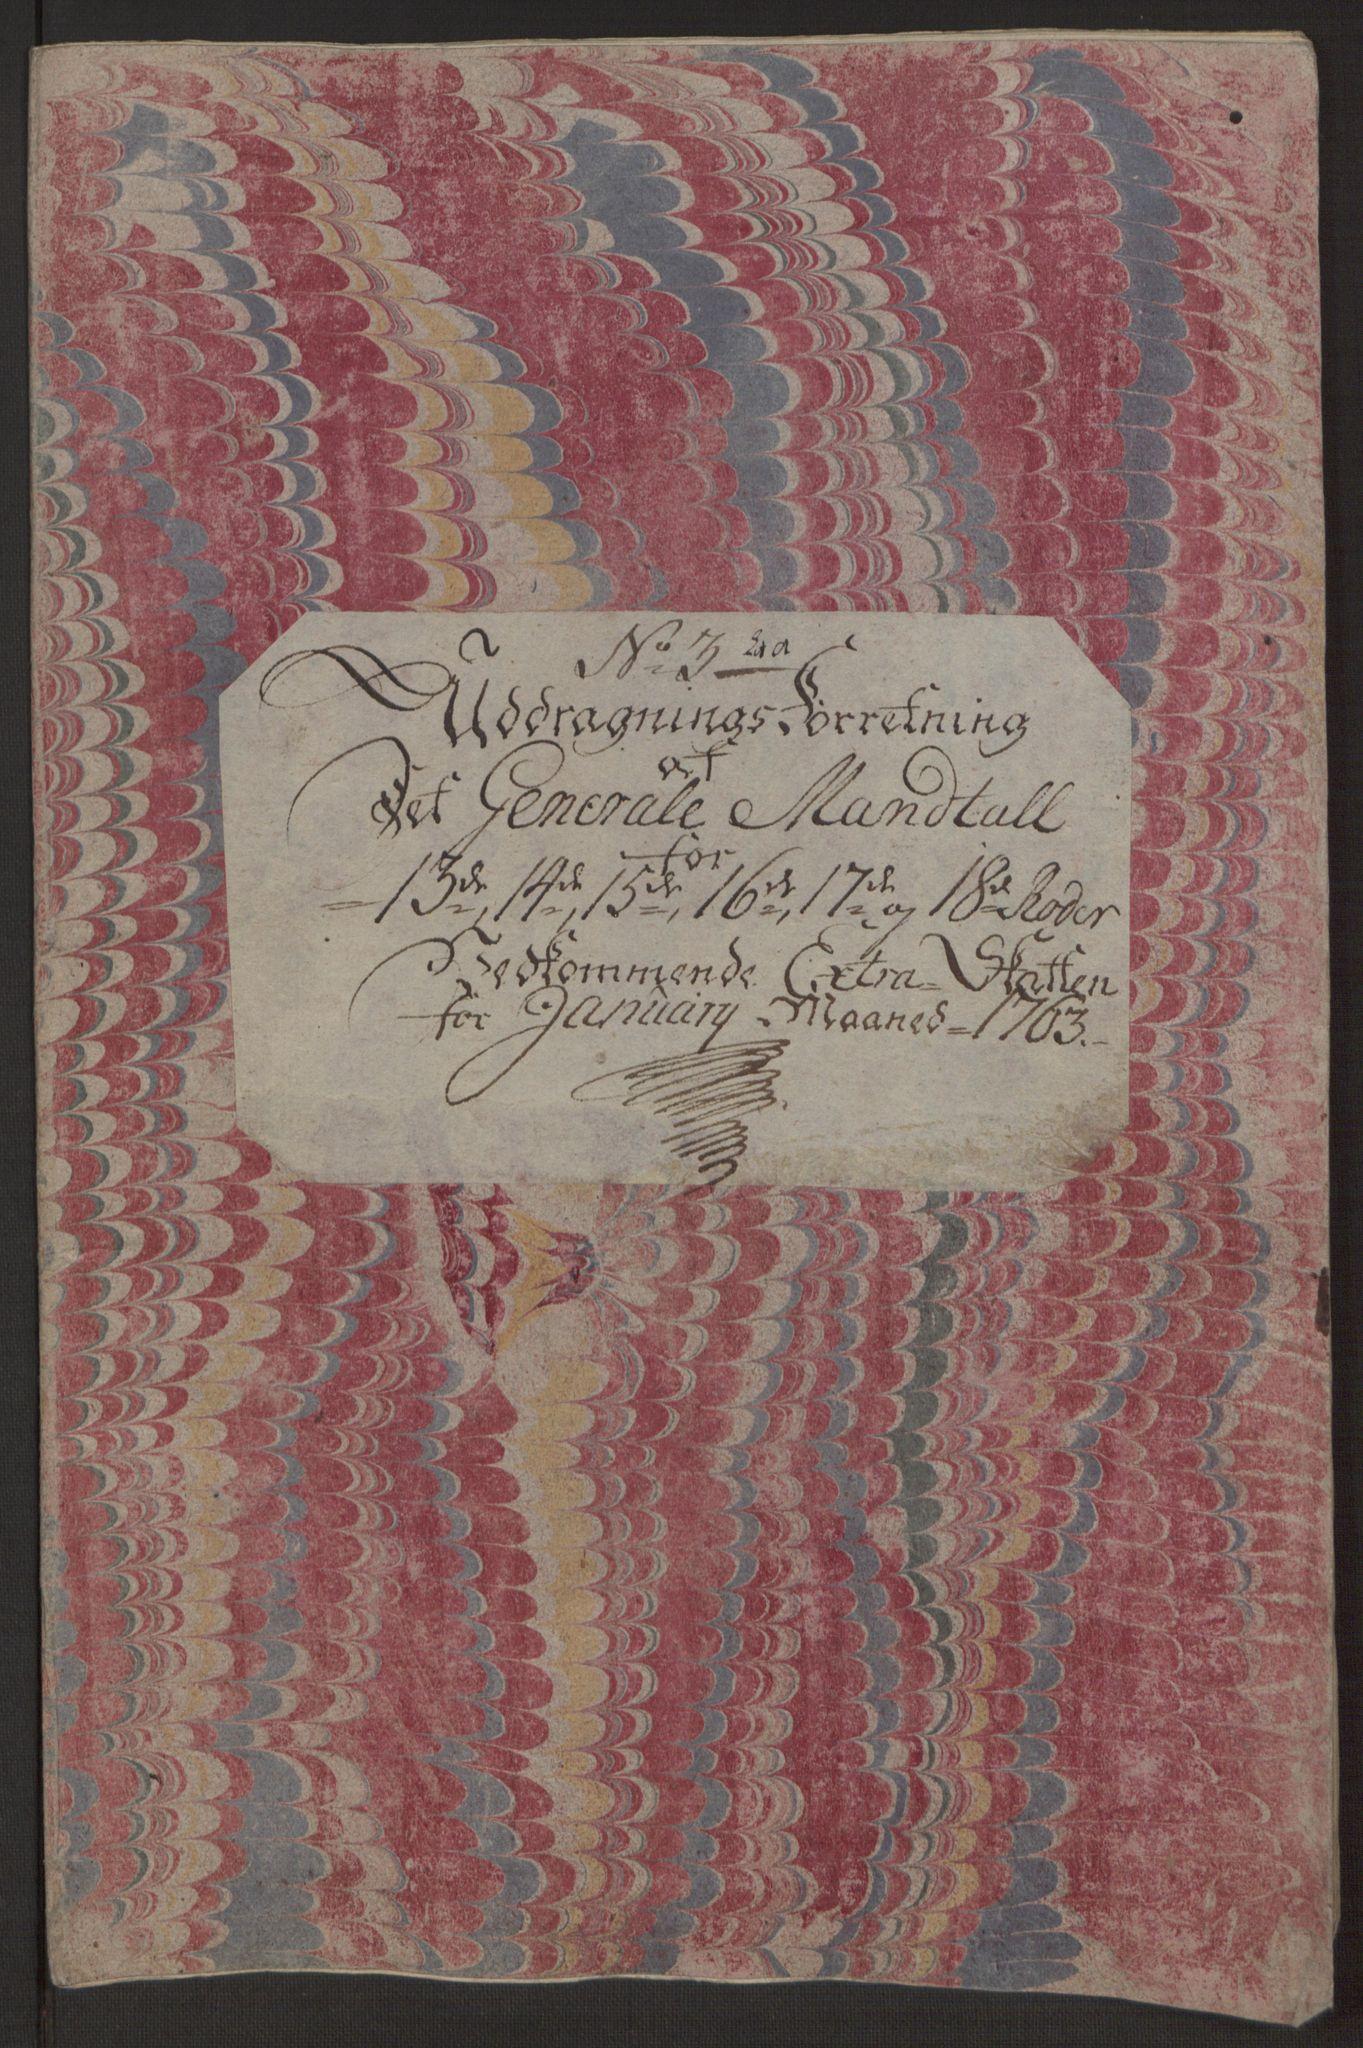 RA, Rentekammeret inntil 1814, Reviderte regnskaper, Byregnskaper, R/Rp/L0366: [P20] Kontribusjonsregnskap, 1763, s. 177